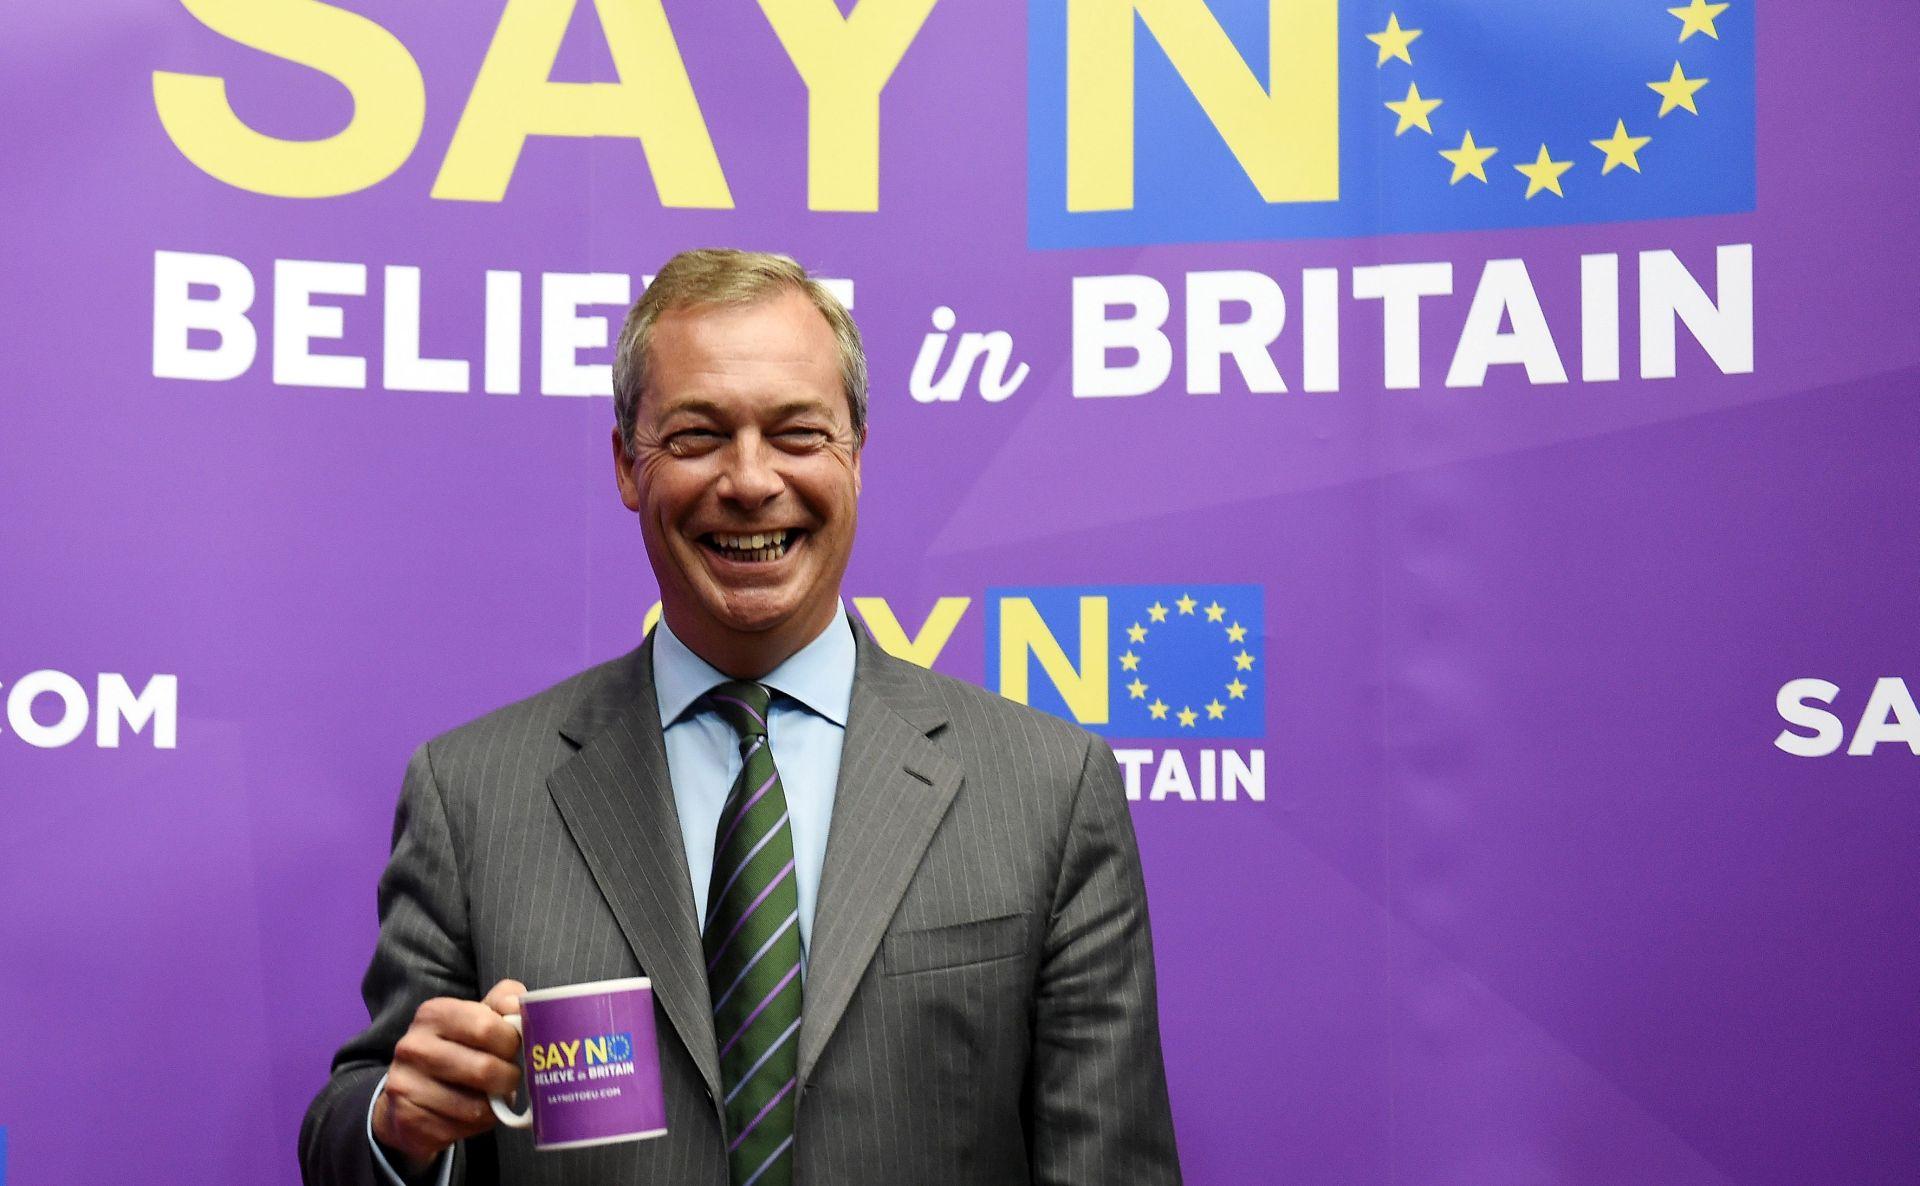 MAIL ON SUNDAY Većina Britanaca trenutno bi glasovala za izlazak iz EU